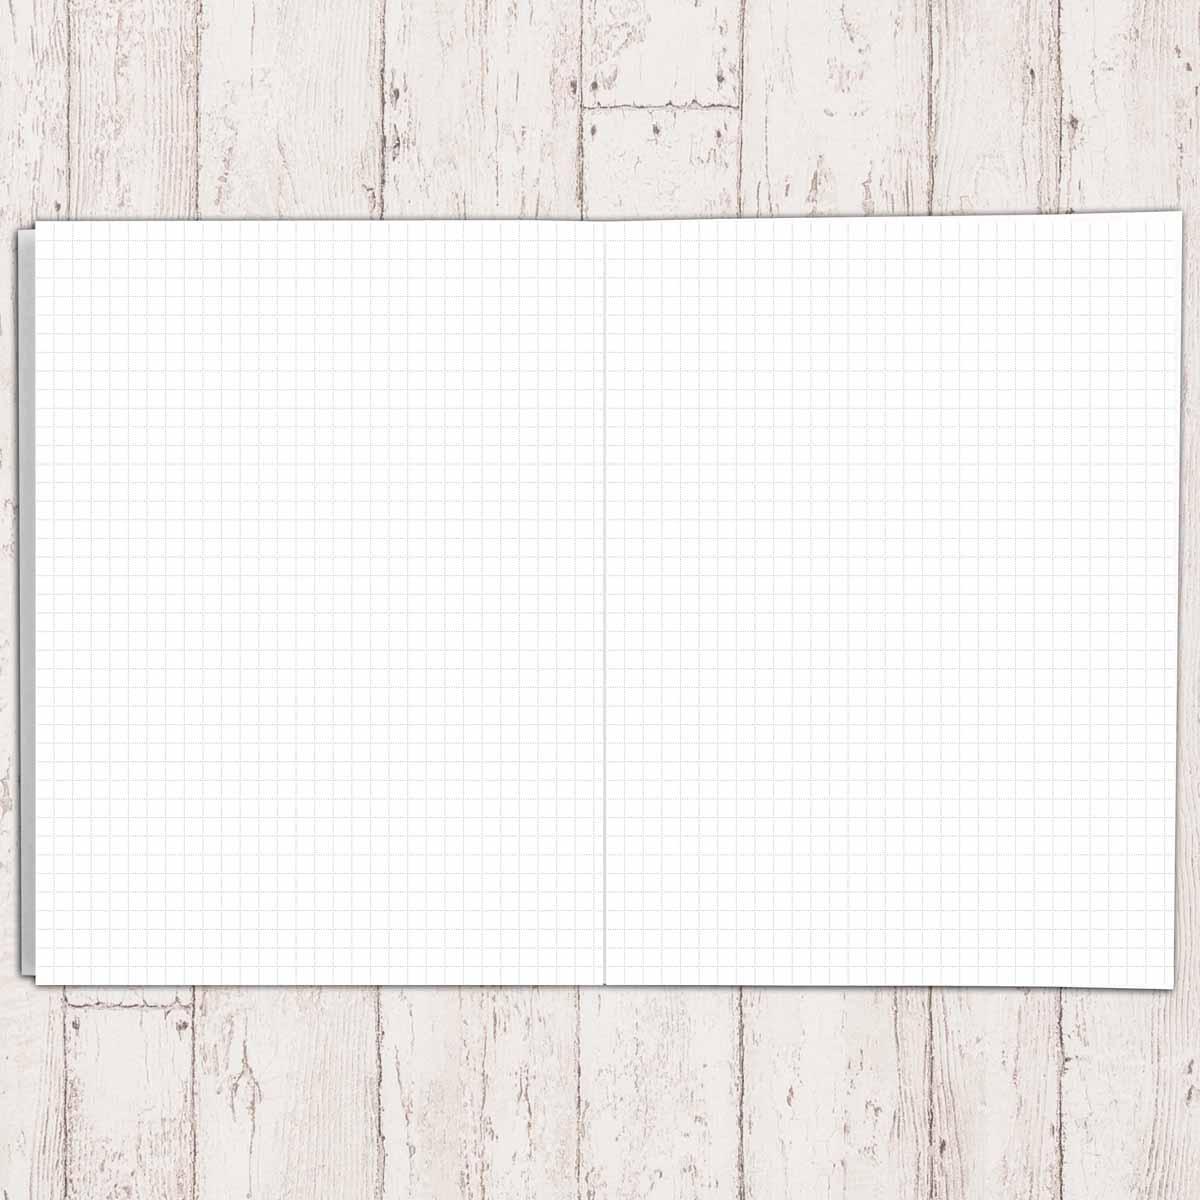 キャンペーンパック ジャバラノート 方眼タイプ | vp-035